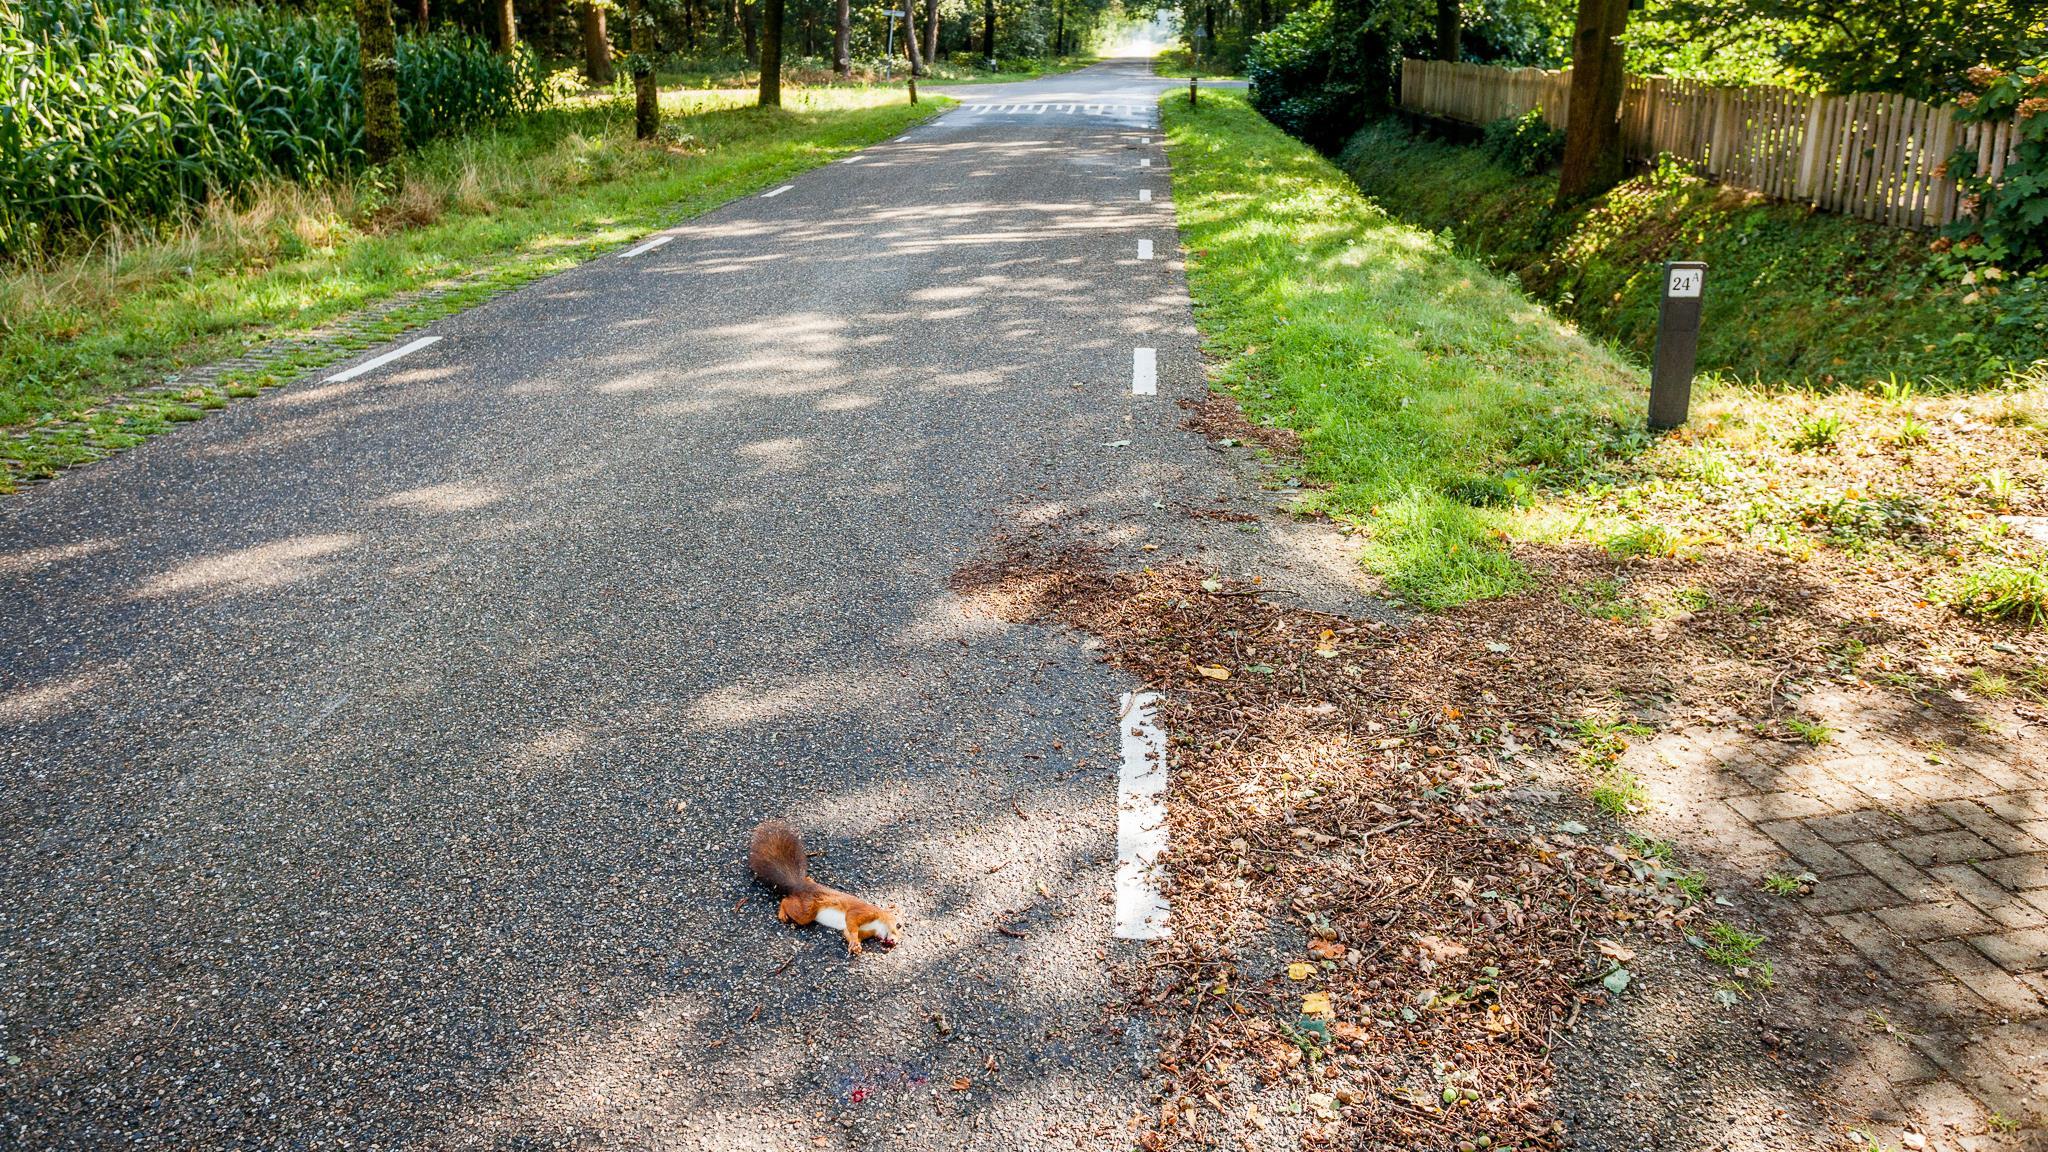 Zomerstorm Bentelo: blikseminslag, afgewaaide takken én eekhoorn uit ...: www.rtvoost.nl/nieuws/default.aspx?nid=251147&cat=1